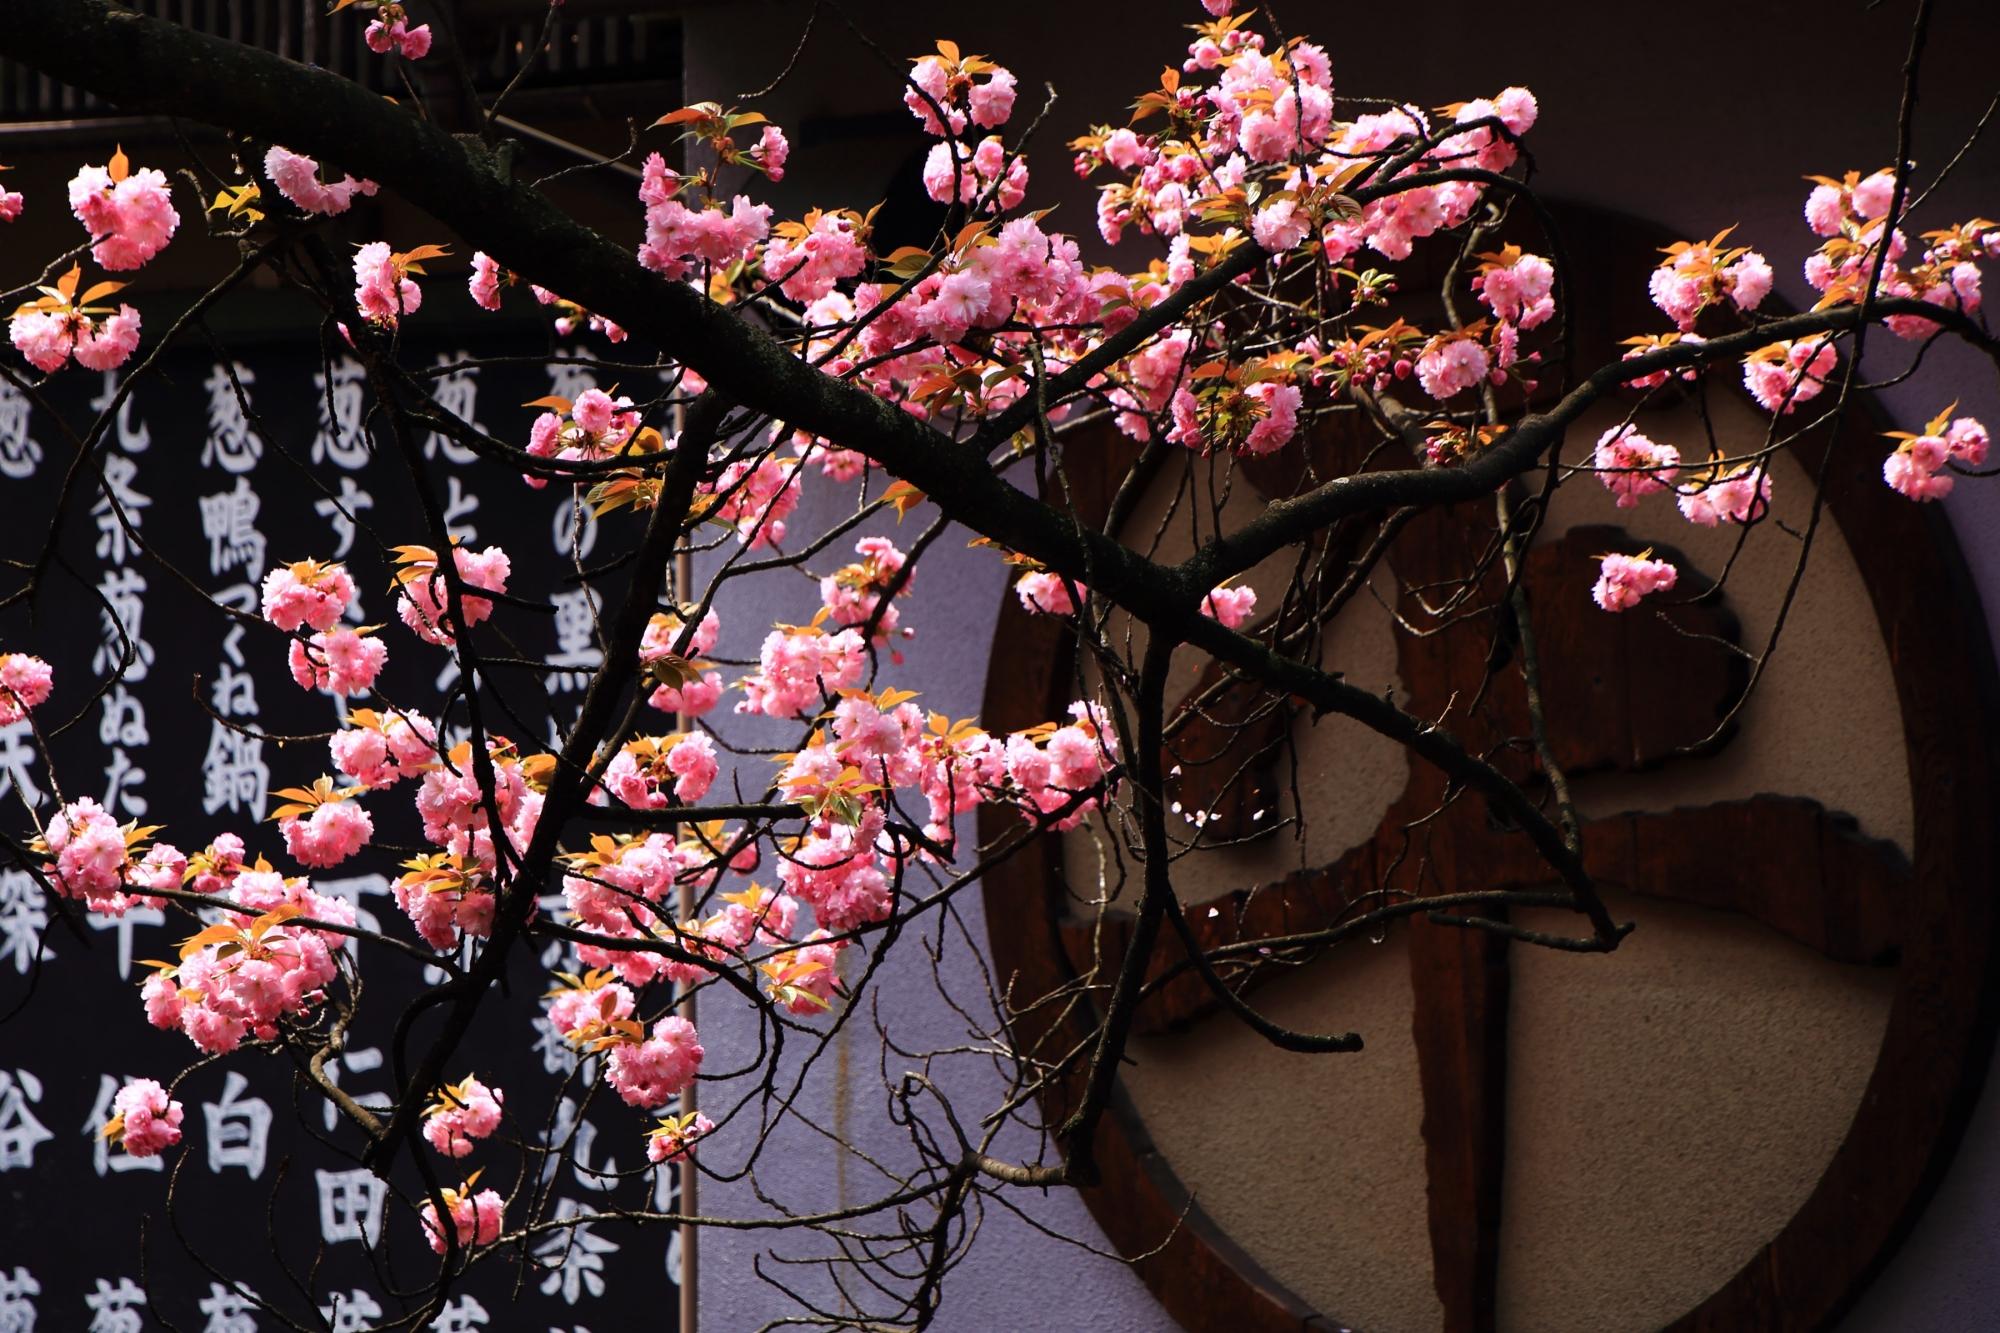 背景と相まって風情ある桜に見える里桜